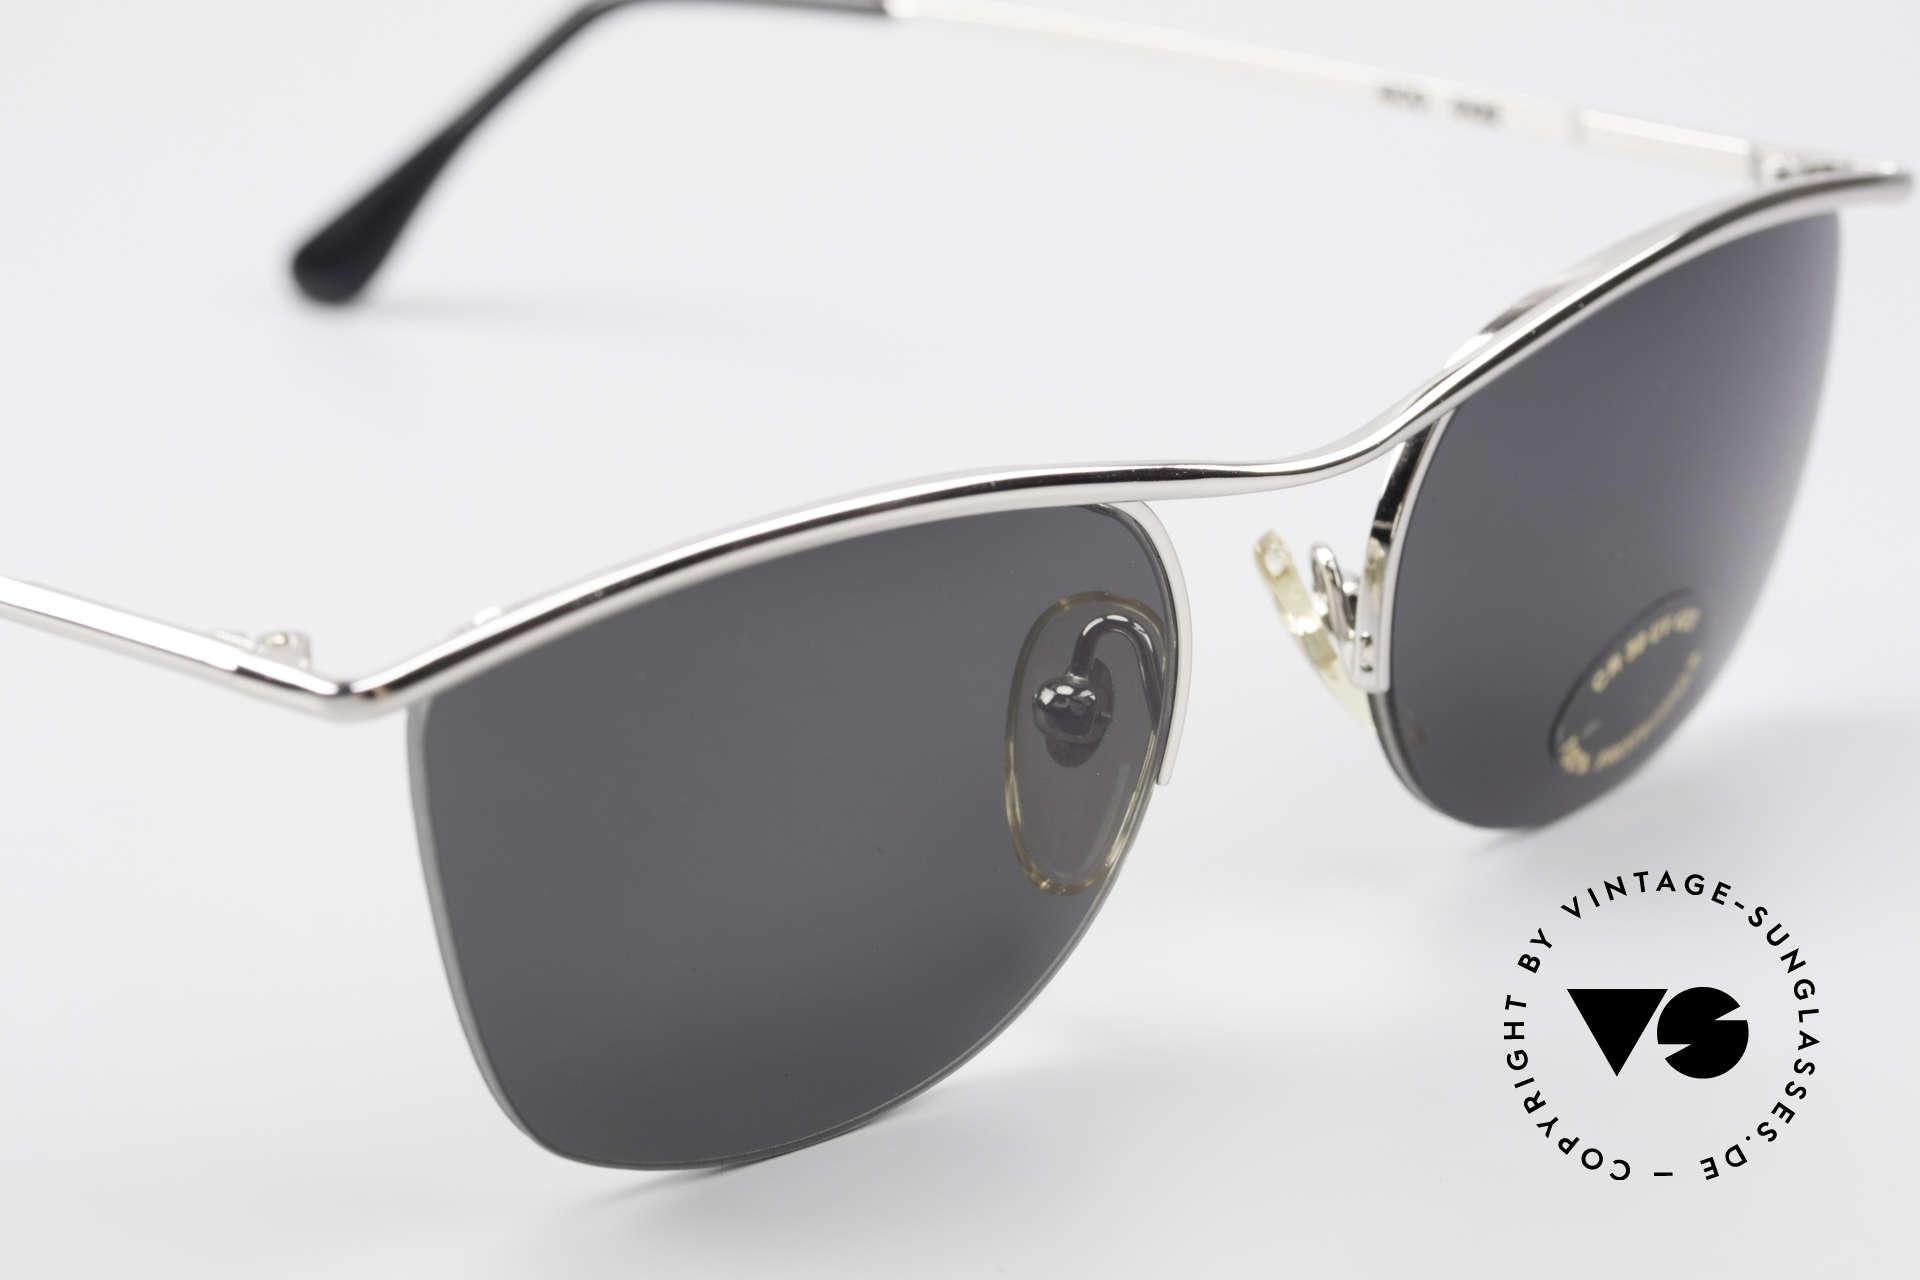 Cutler And Gross 0422 Halb Randlose Sonnenbrille, ungetragen; Modell ist auch beliebig optisch verglasbar, Passend für Herren und Damen